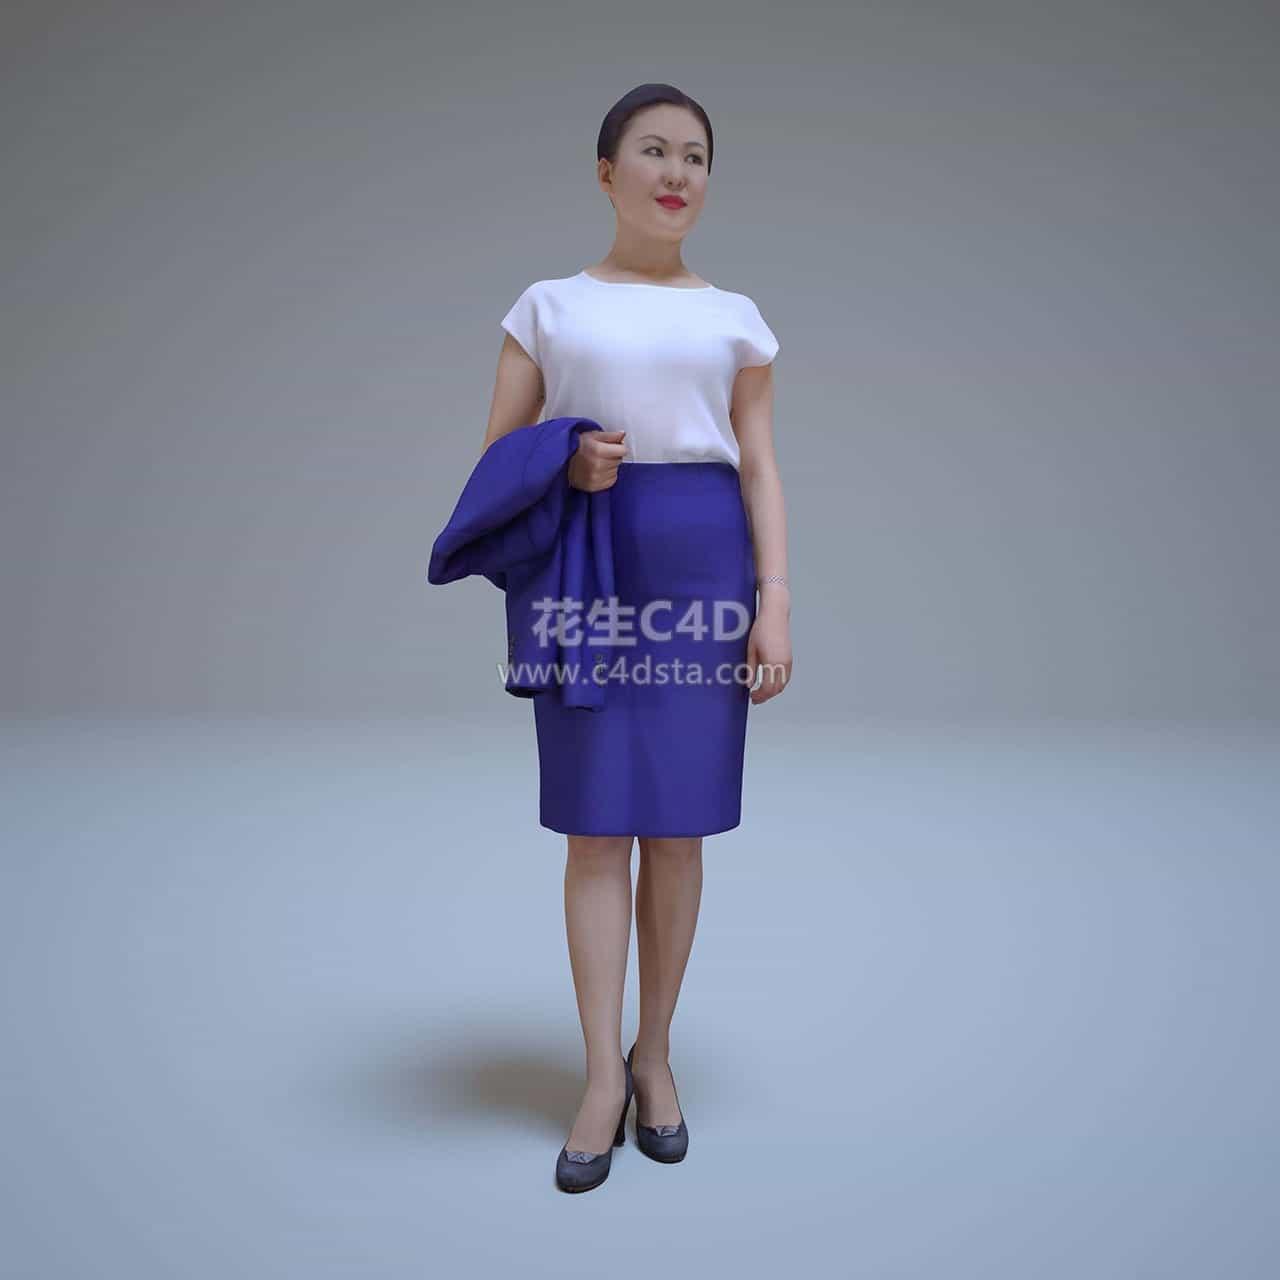 三维模型-亚洲女商人职业装女性角色模型 626CG资源站